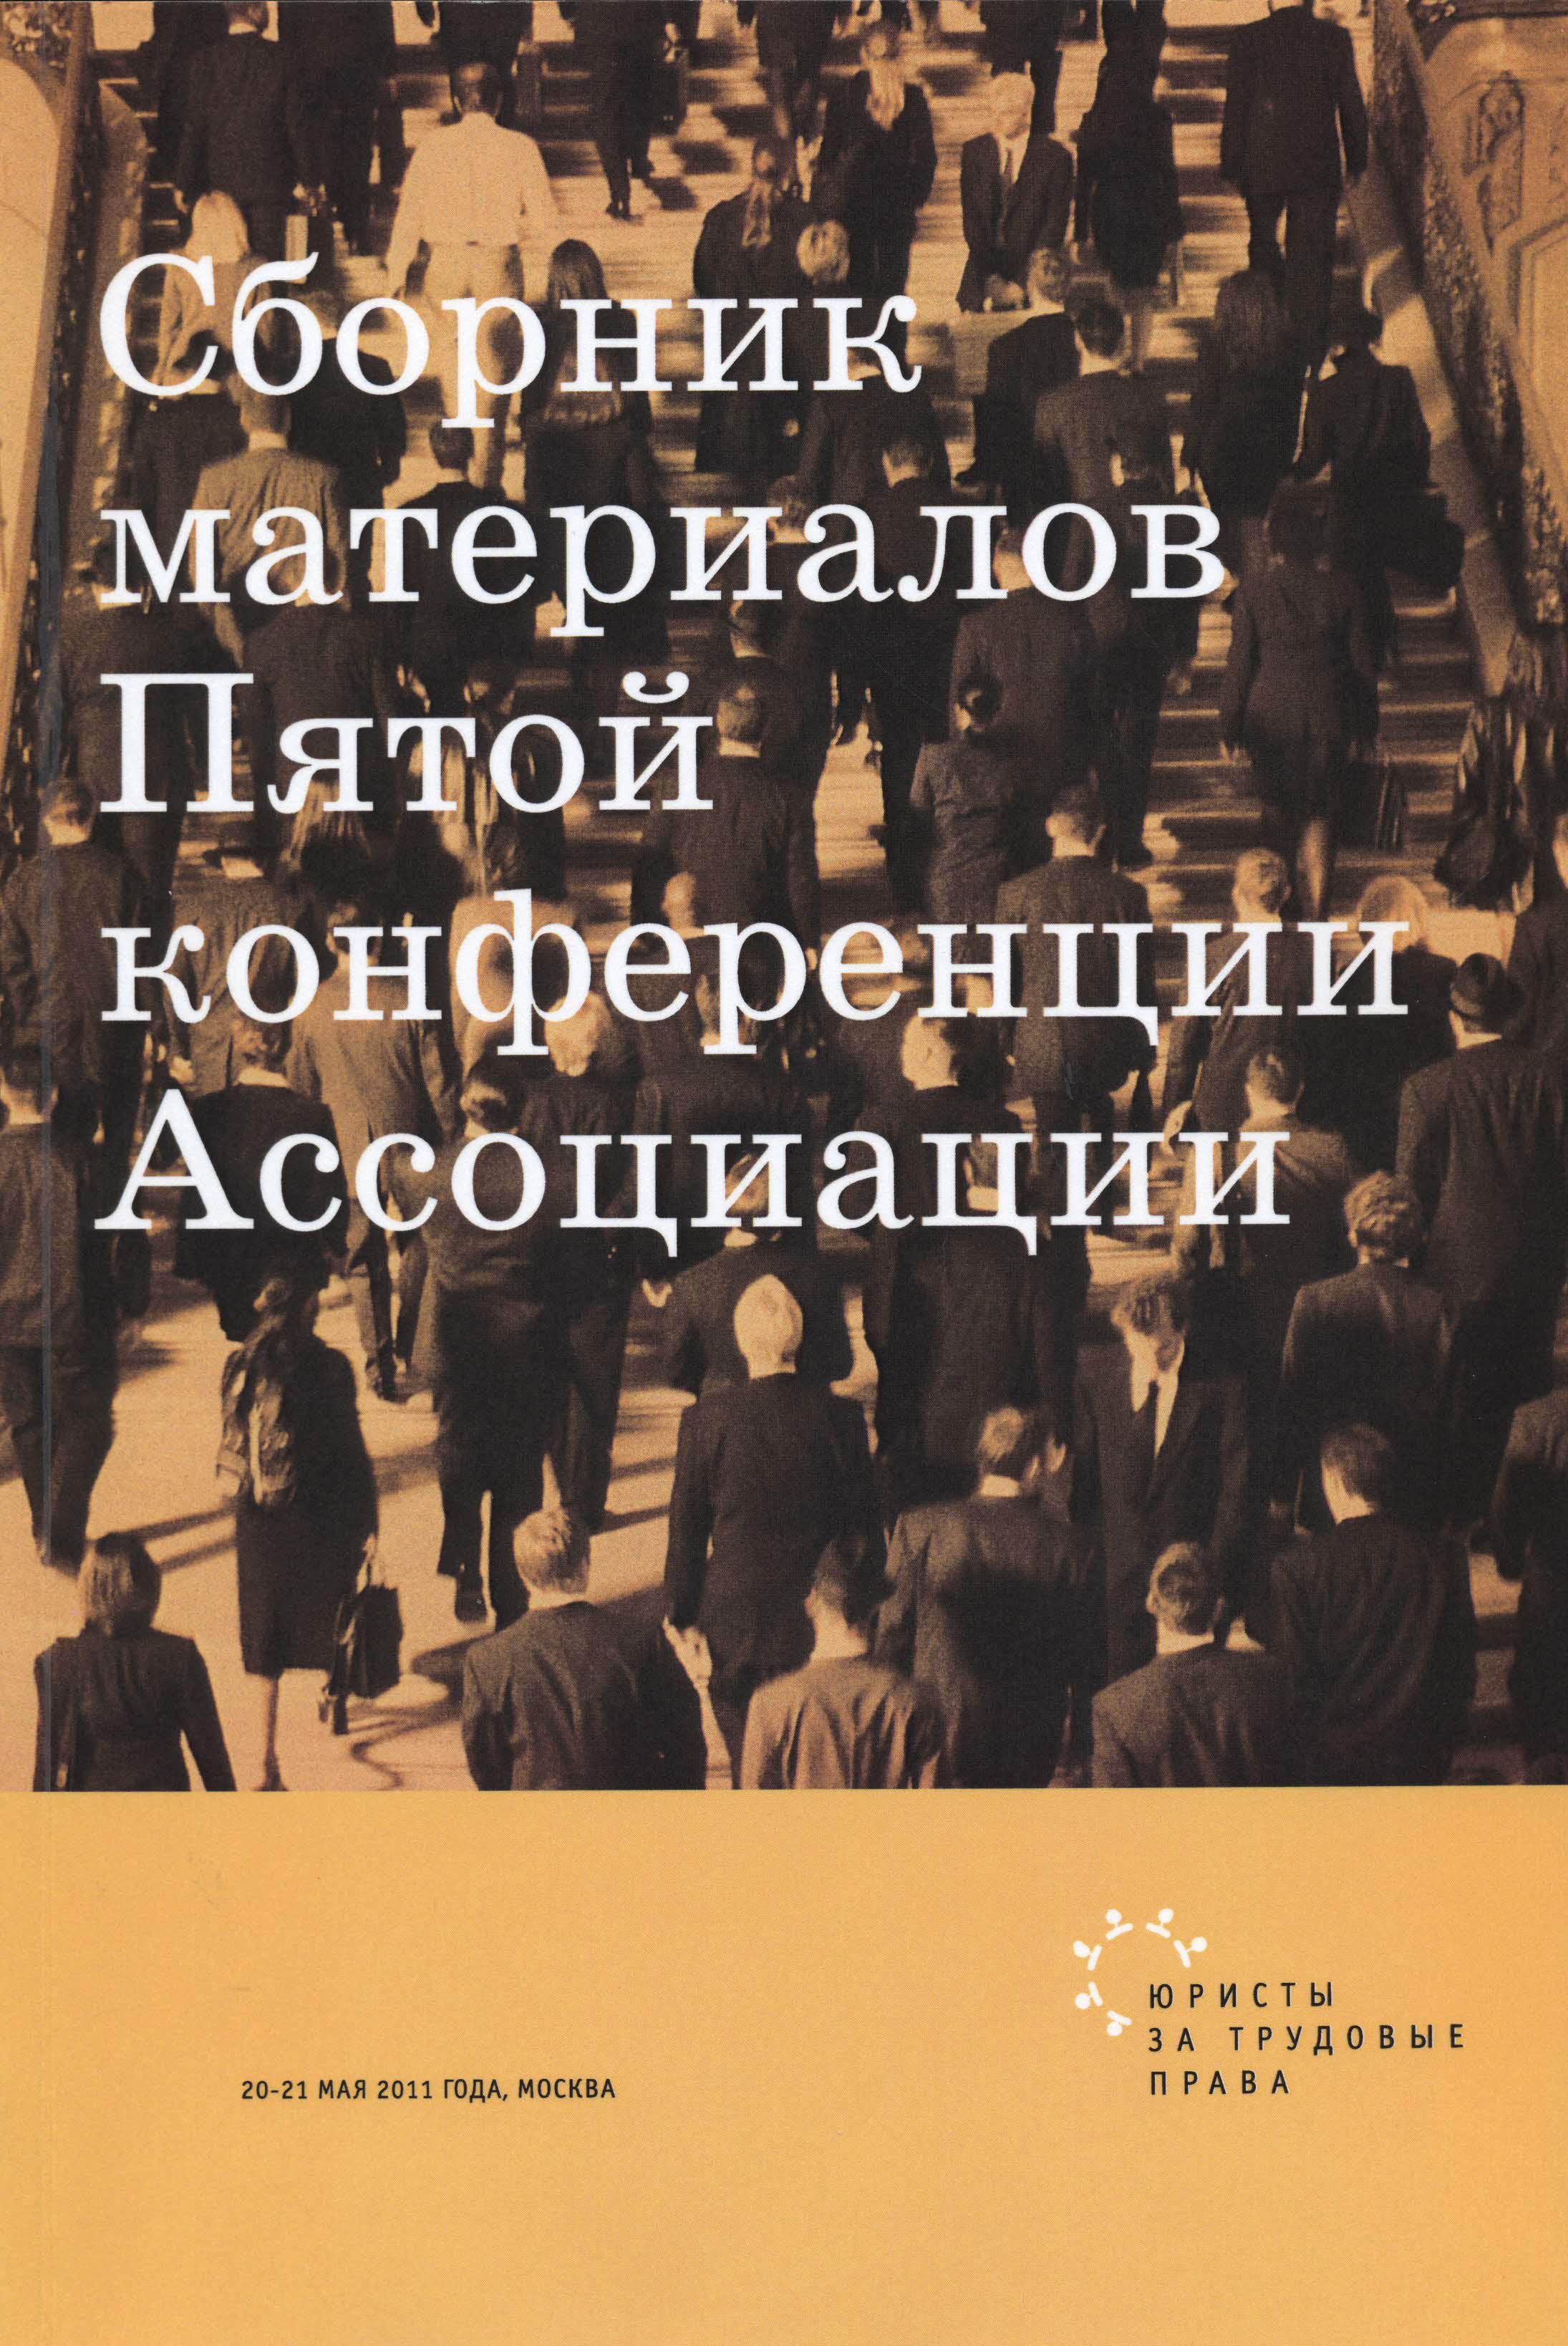 Сборник материалов Пятой конференции Ассоциации «Юристы за трудовые права»